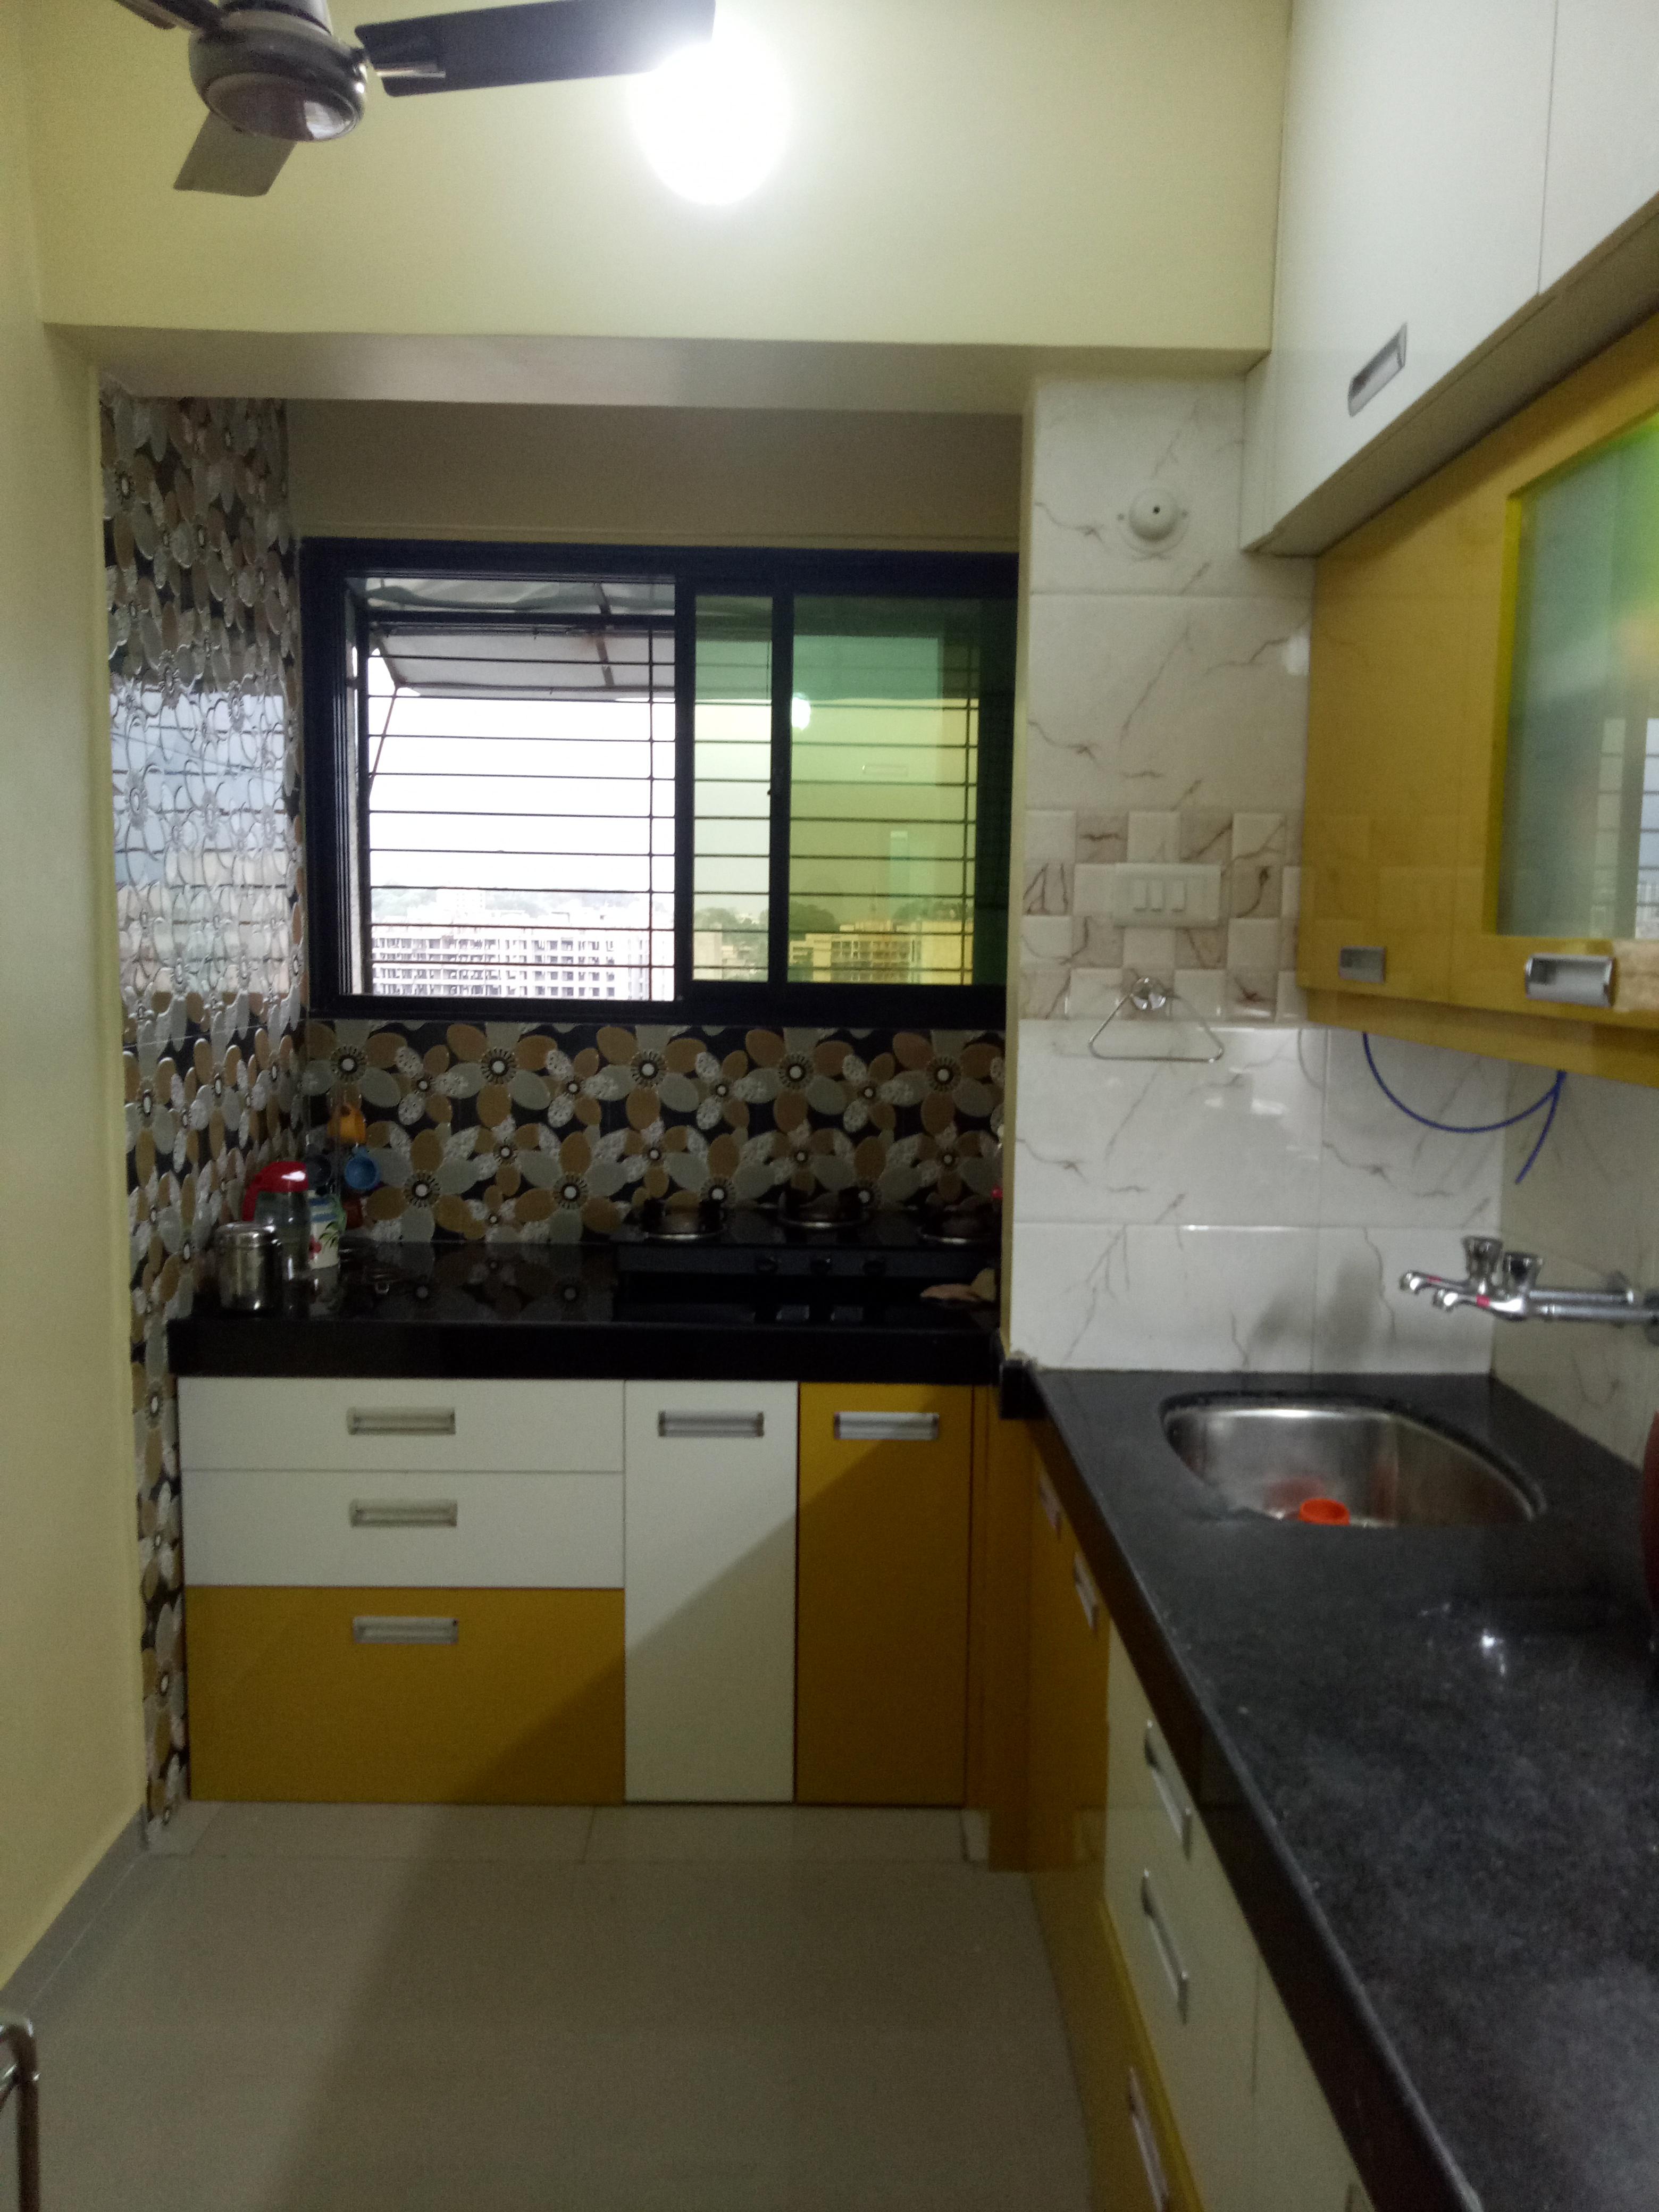 modular kitchen cabinets.jpg